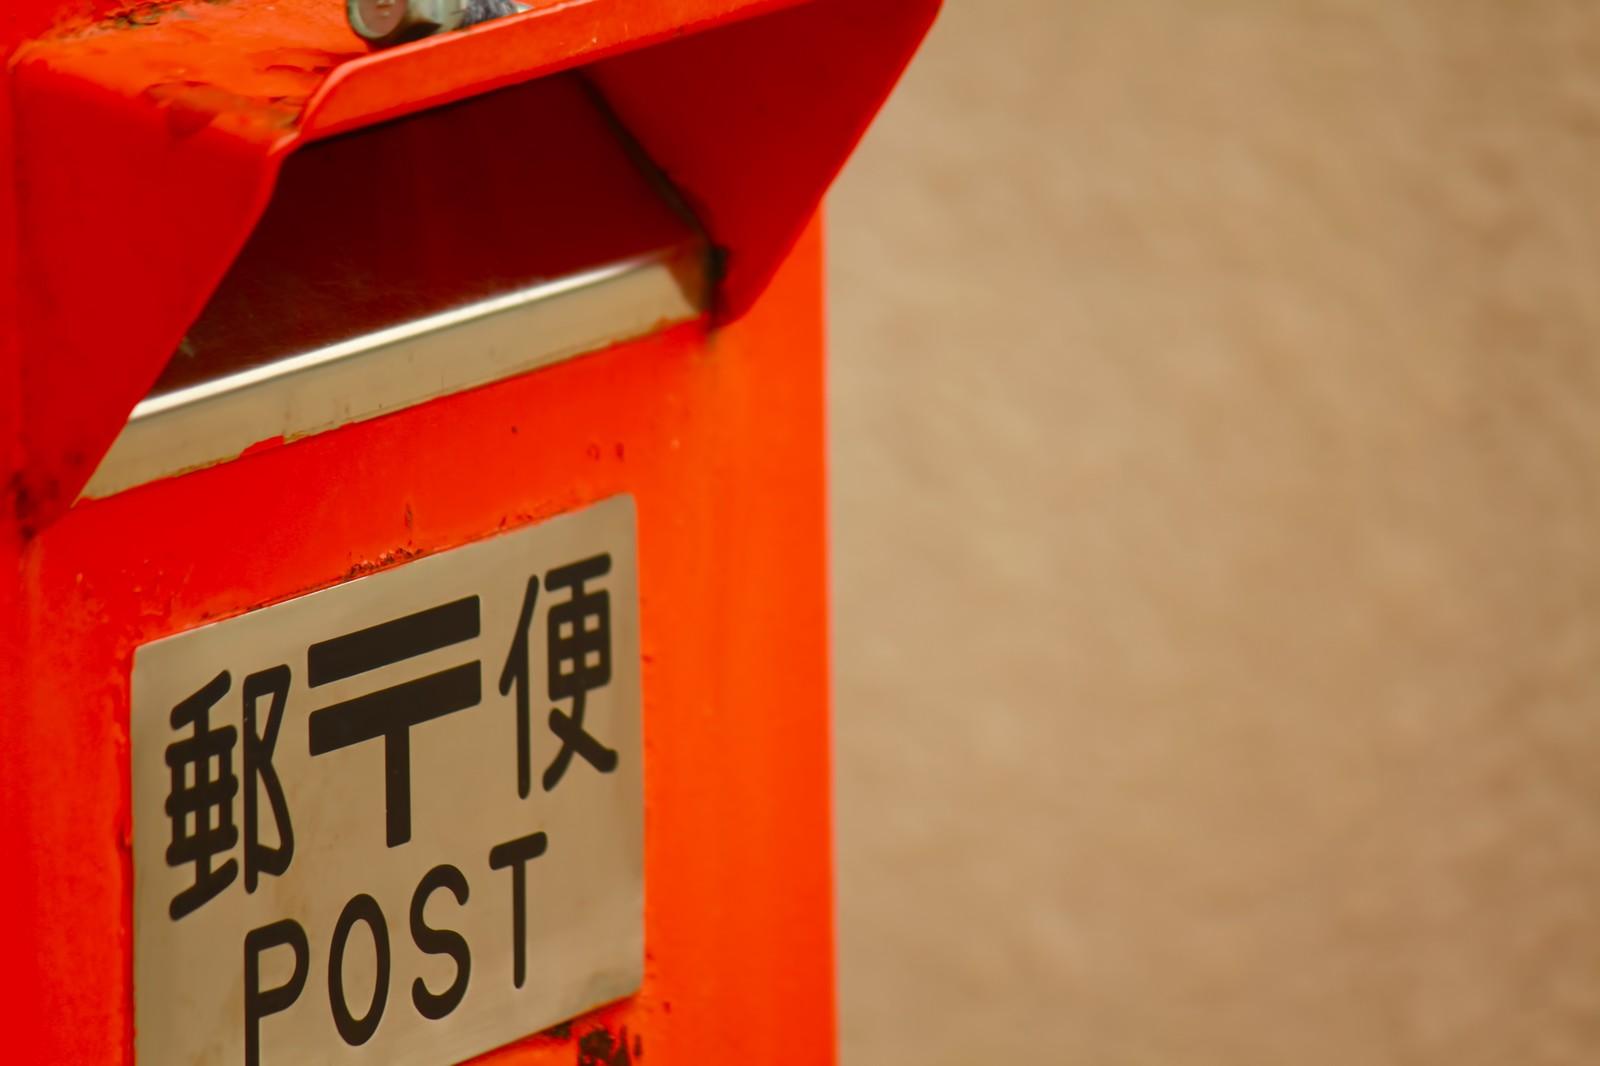 切手売り場を探すコツ